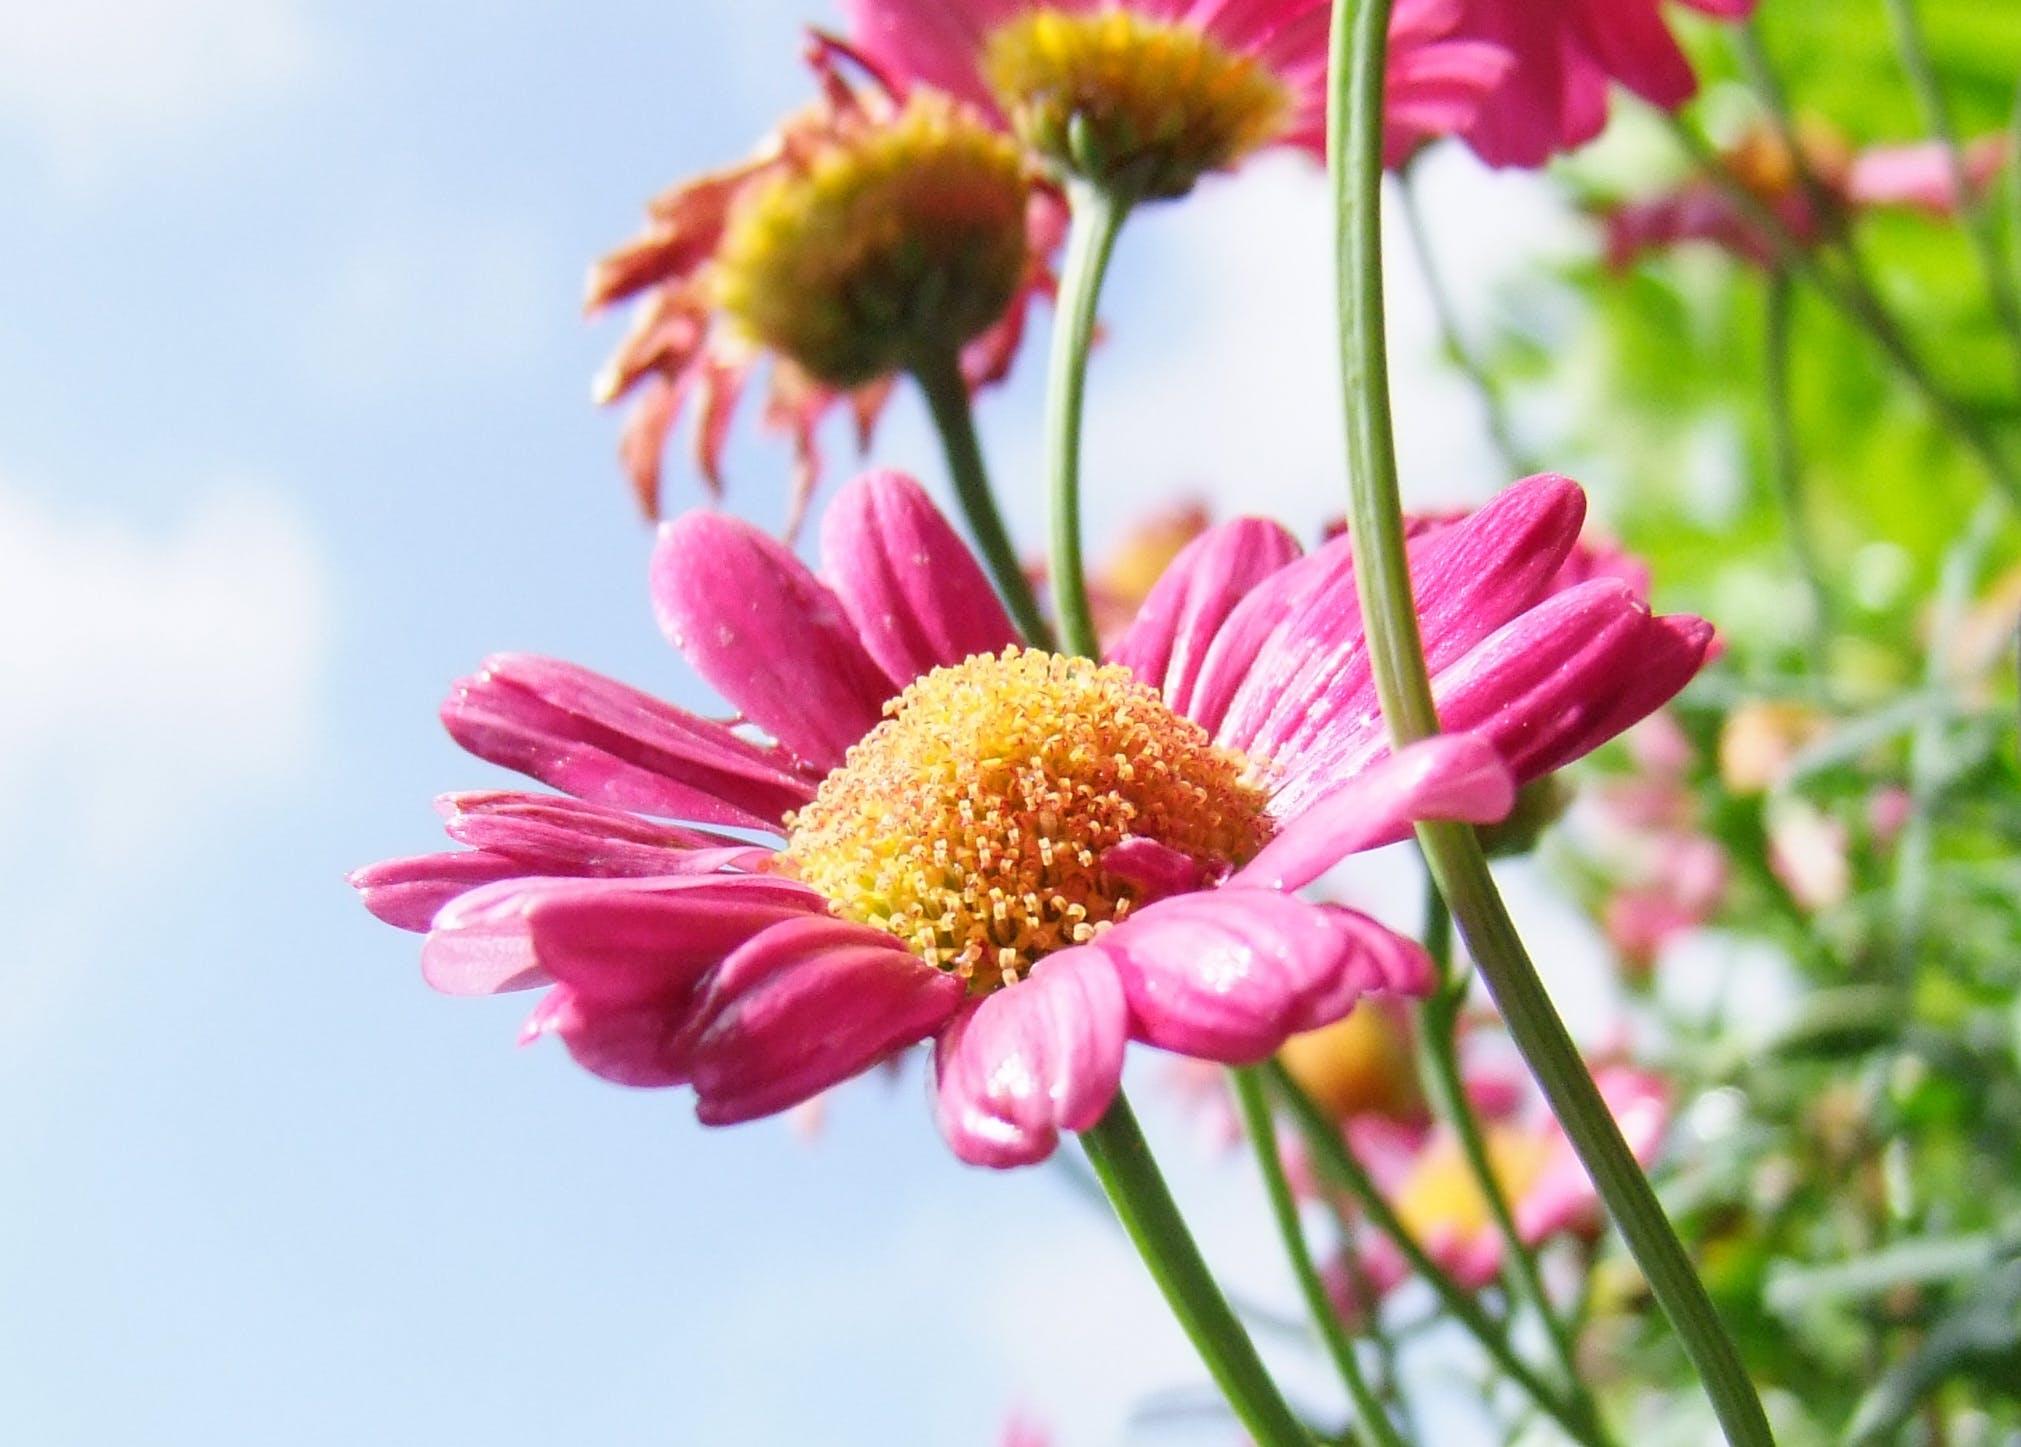 Kostenloses Stock Foto zu natur, blumen, pflanze, frühling